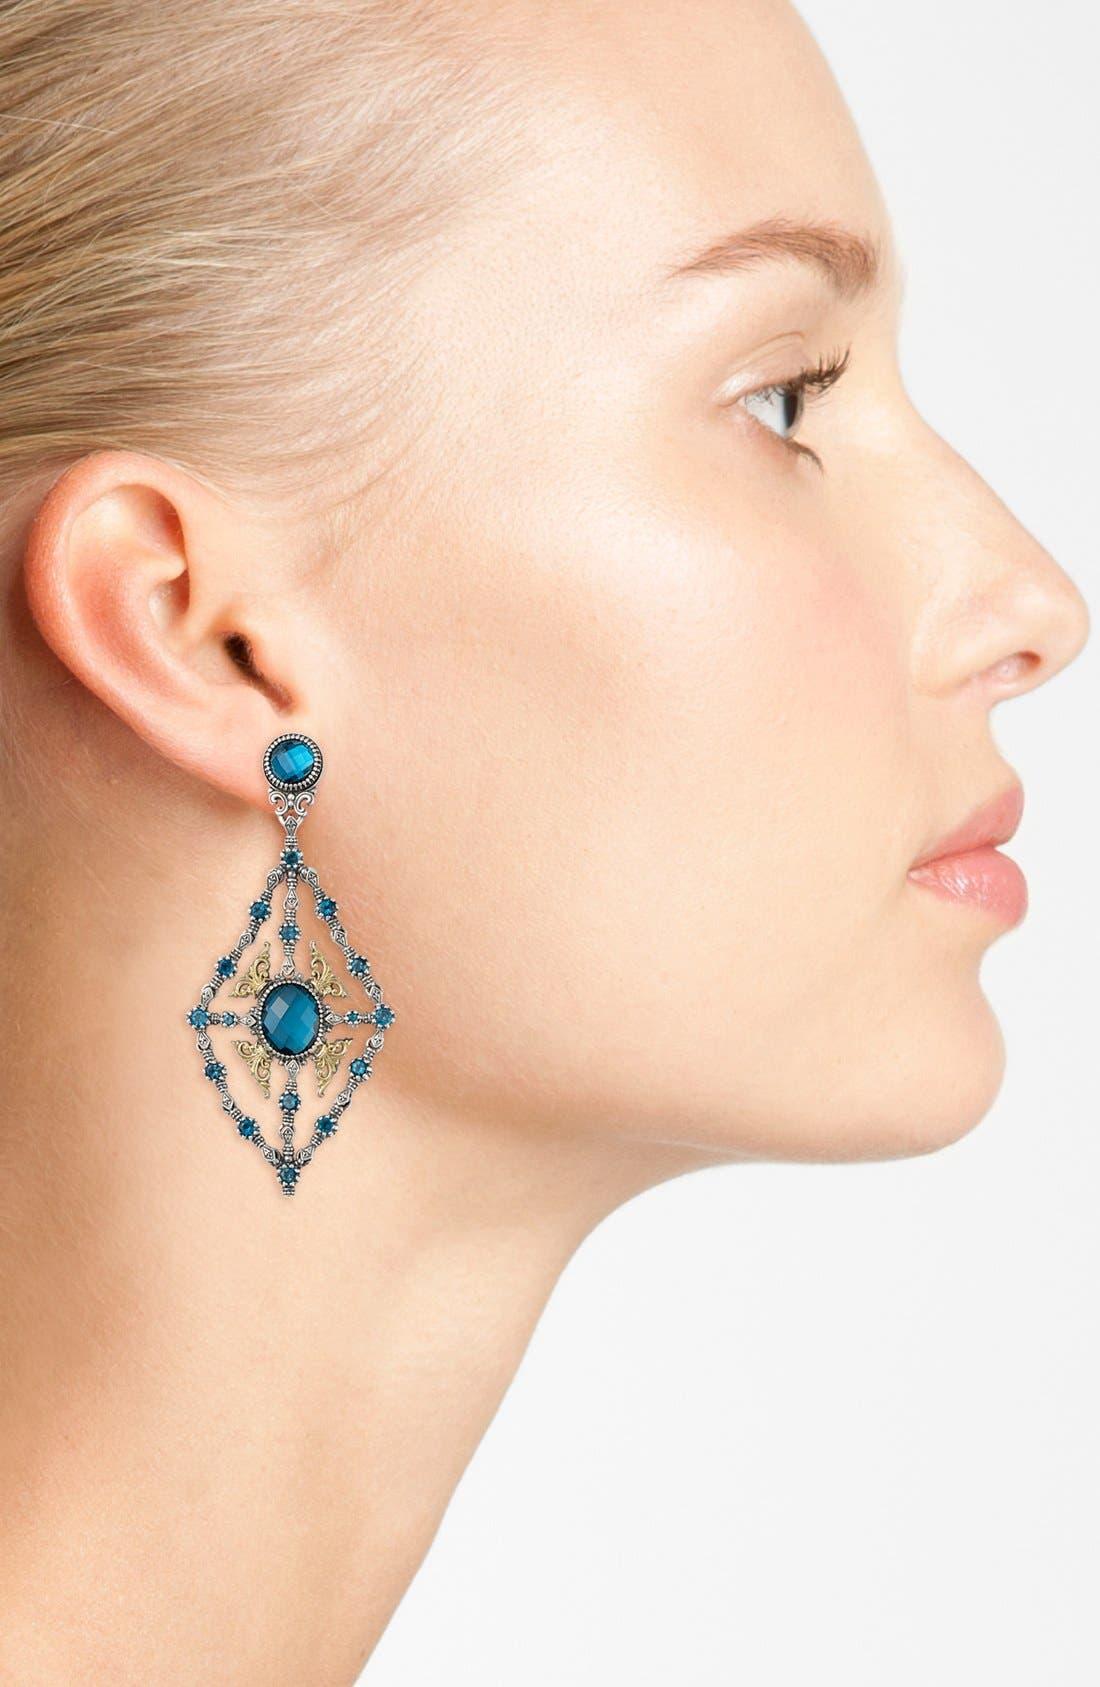 'Thalassa' Blue Topaz Kite Chandelier Earrings,                             Alternate thumbnail 4, color,                             SILVER/ LONDON BLUE TOPAZ